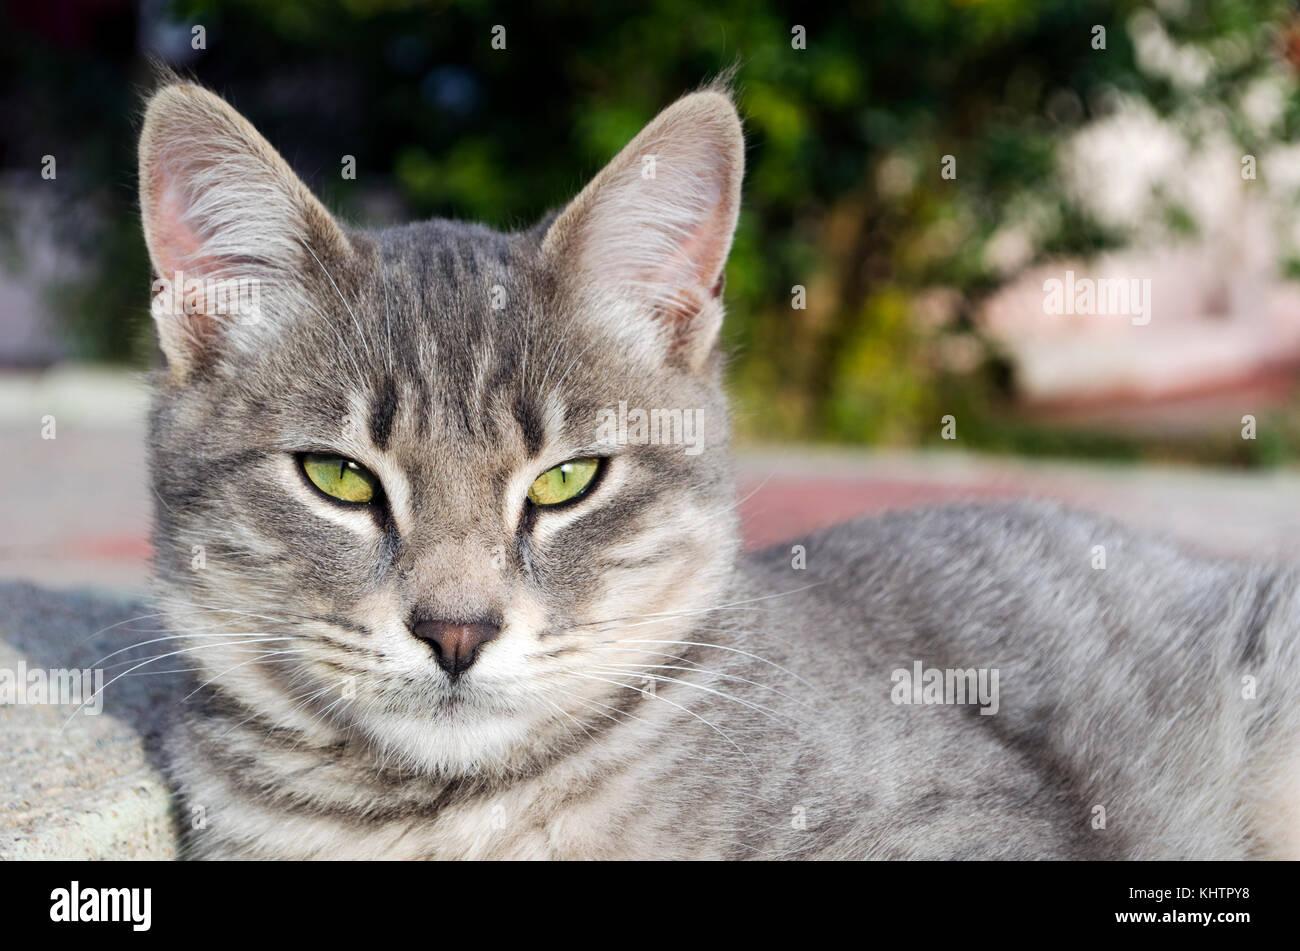 Unión gato gris afuera mirando a la cámara Foto de stock